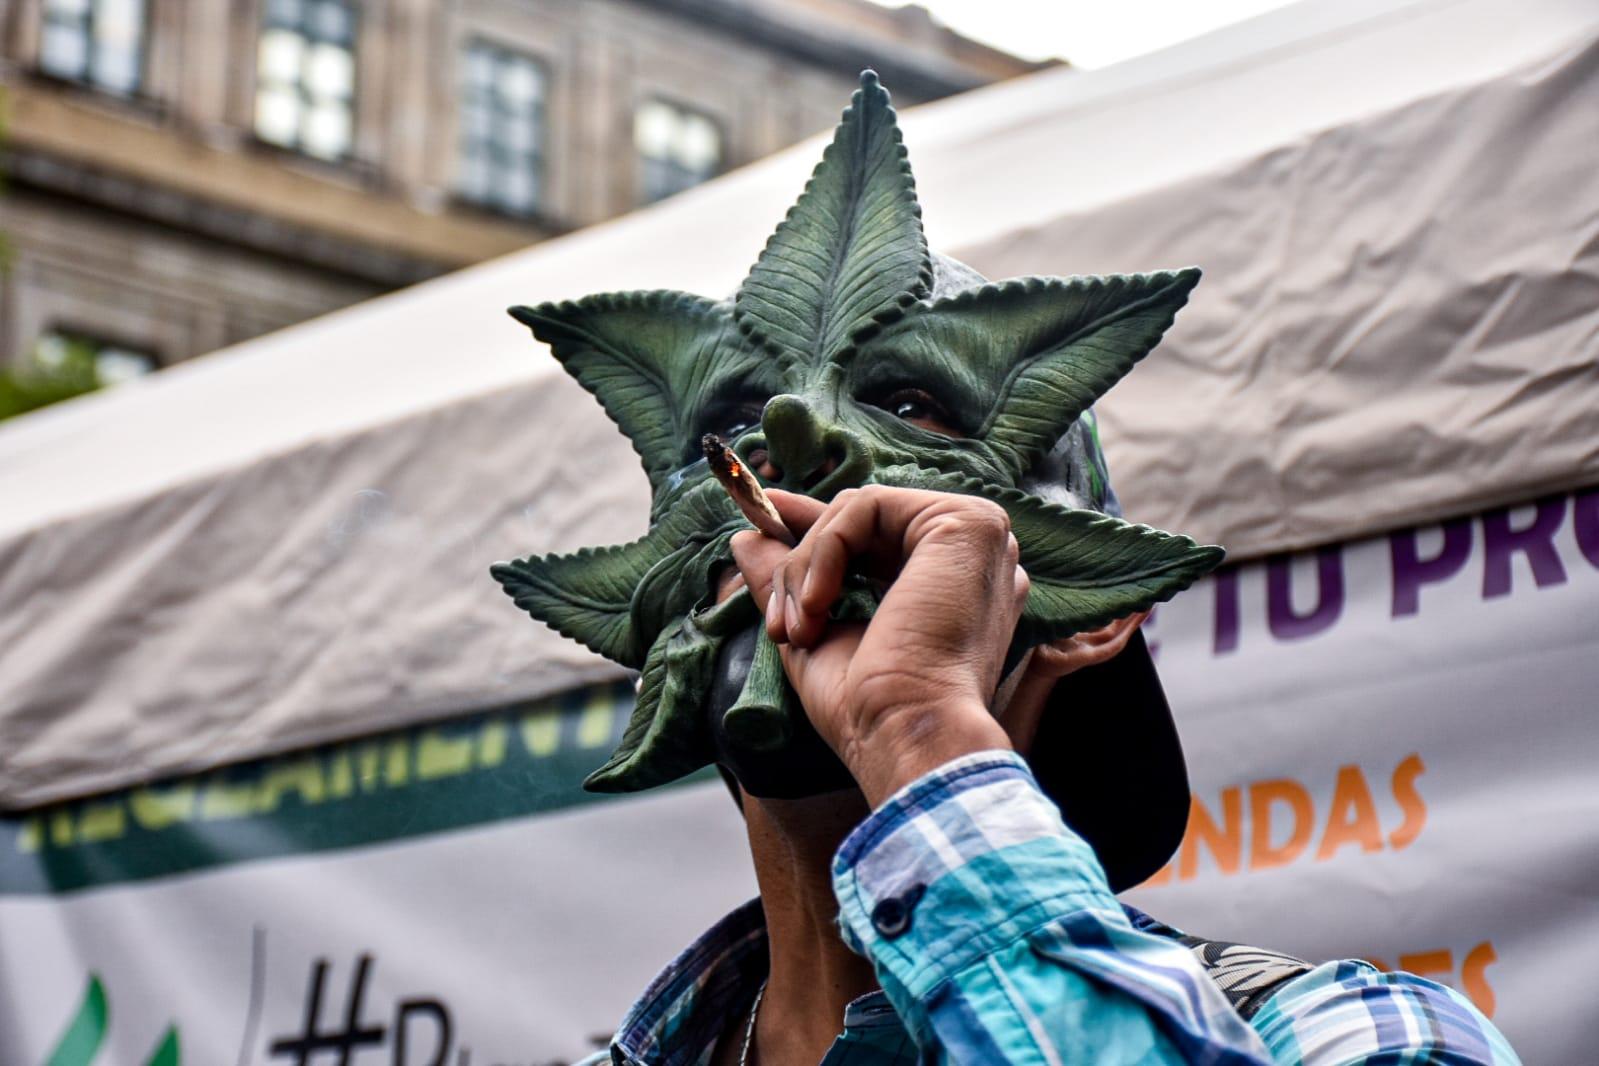 Uso lúdico de la marihuana en México